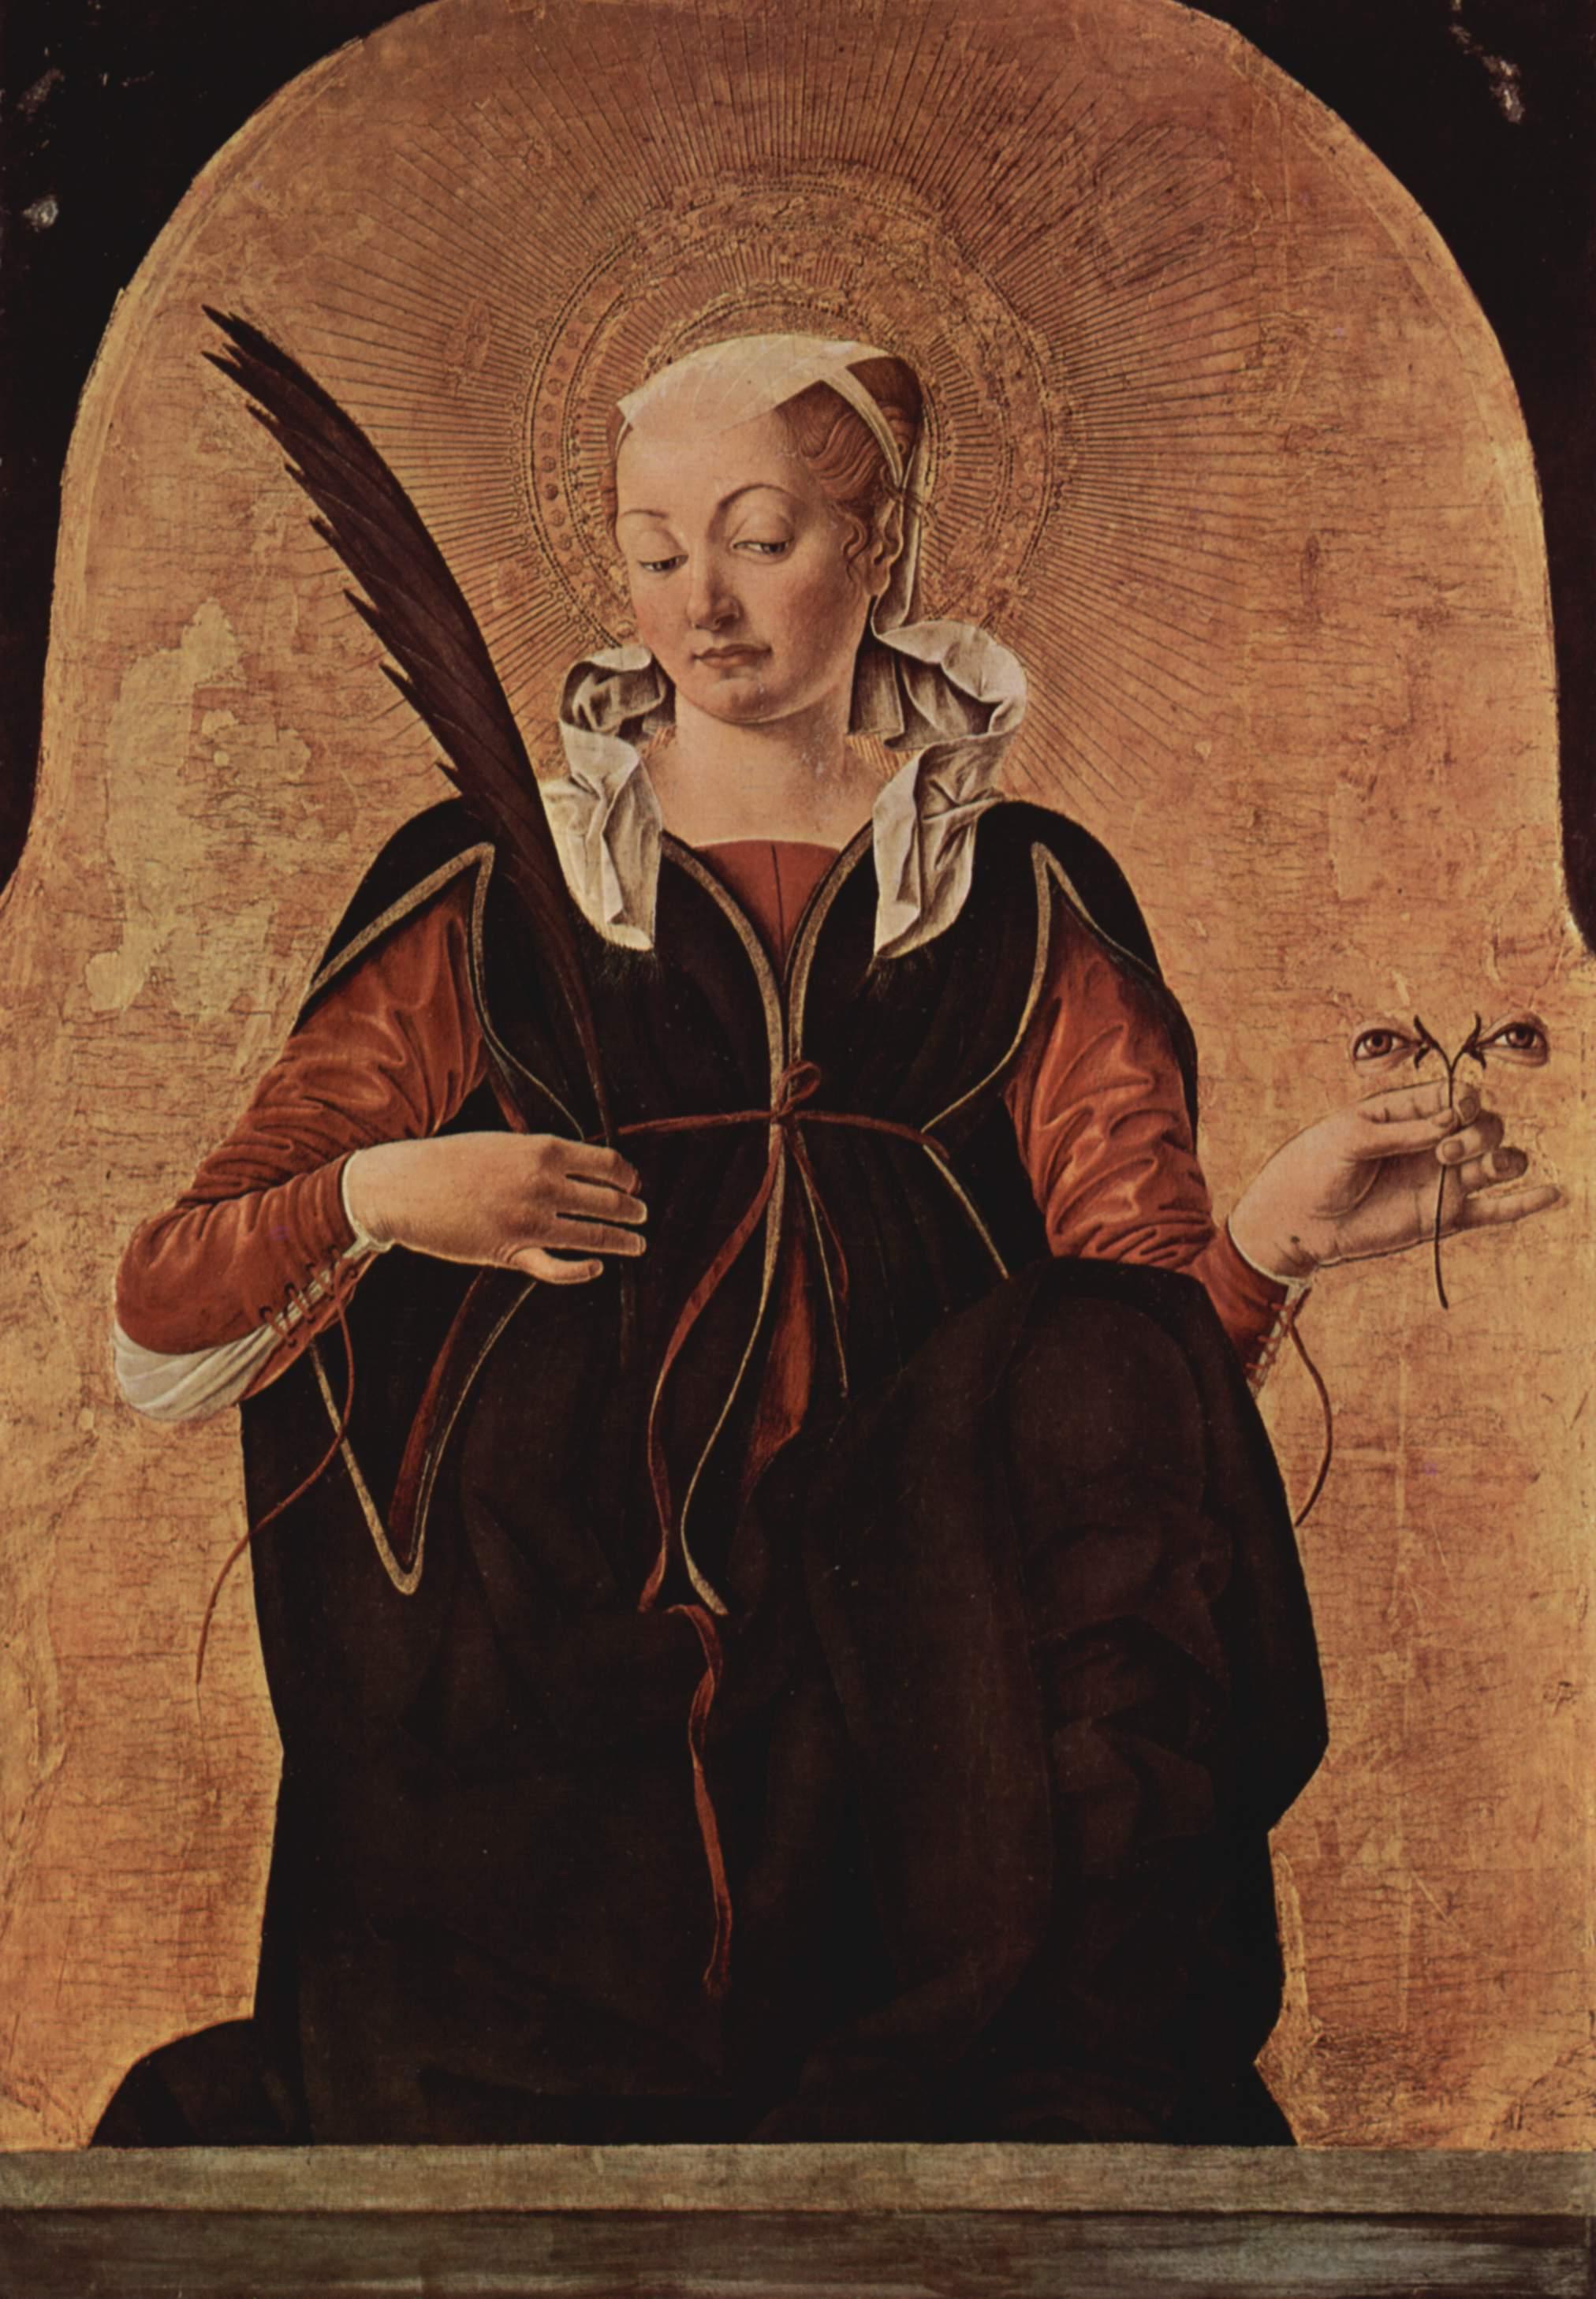 Алтарь Гриффони, первоначально Капелла Гриффони в церкви Сан Петронио в Болонье, навершие на правой, Франческо дель Косса